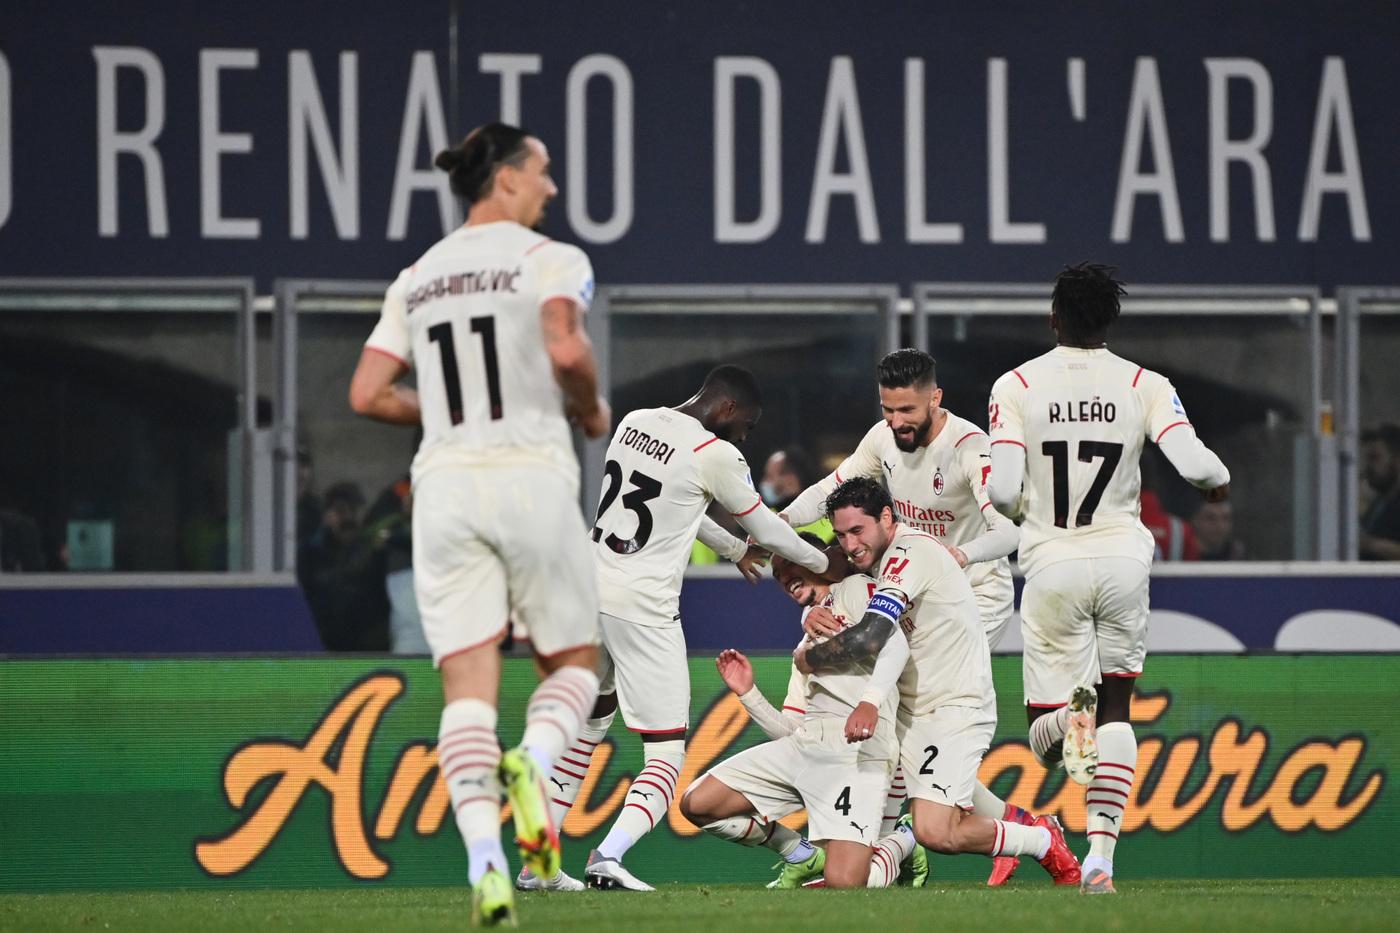 Serie A calcio oggi, calendario e orari partite 26 ottobre: programma, tv, streaming DAZN e Sky